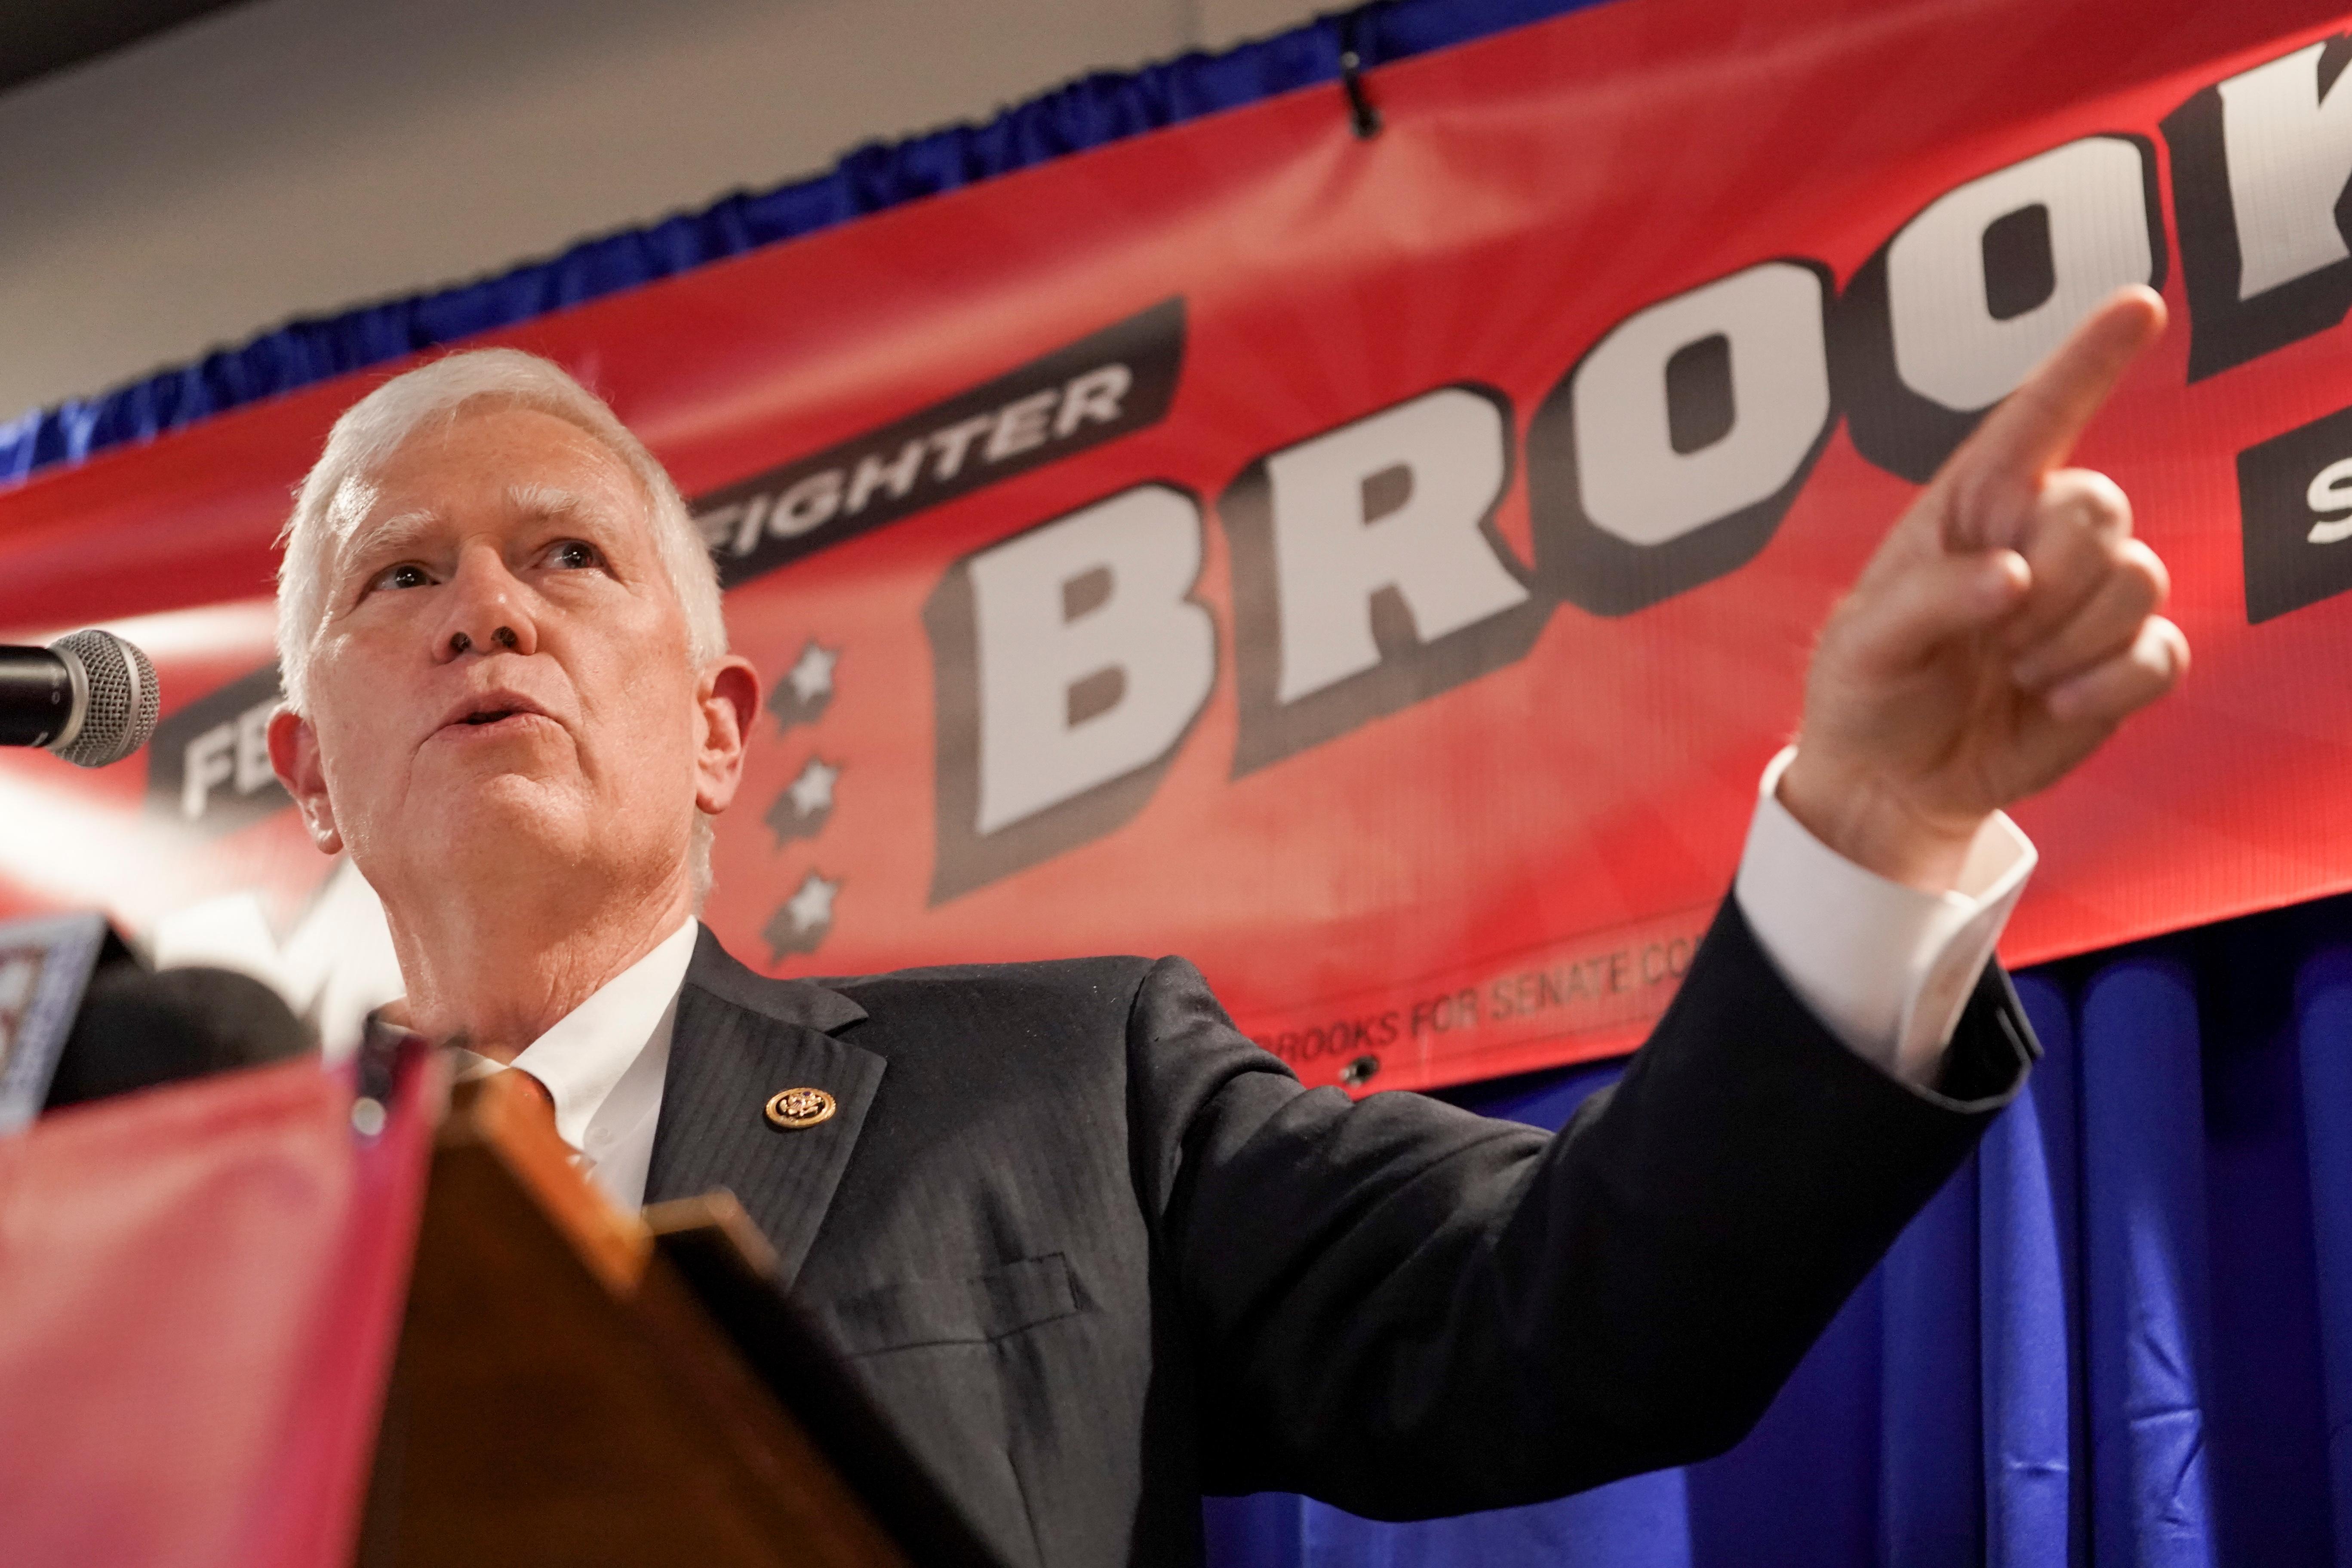 U.S. Rep. Mo Brooks (R-AL) makes an announcement in Huntsville, Alabama, U.S. March 22, 2021. REUTERS/Elijah Nouvelage